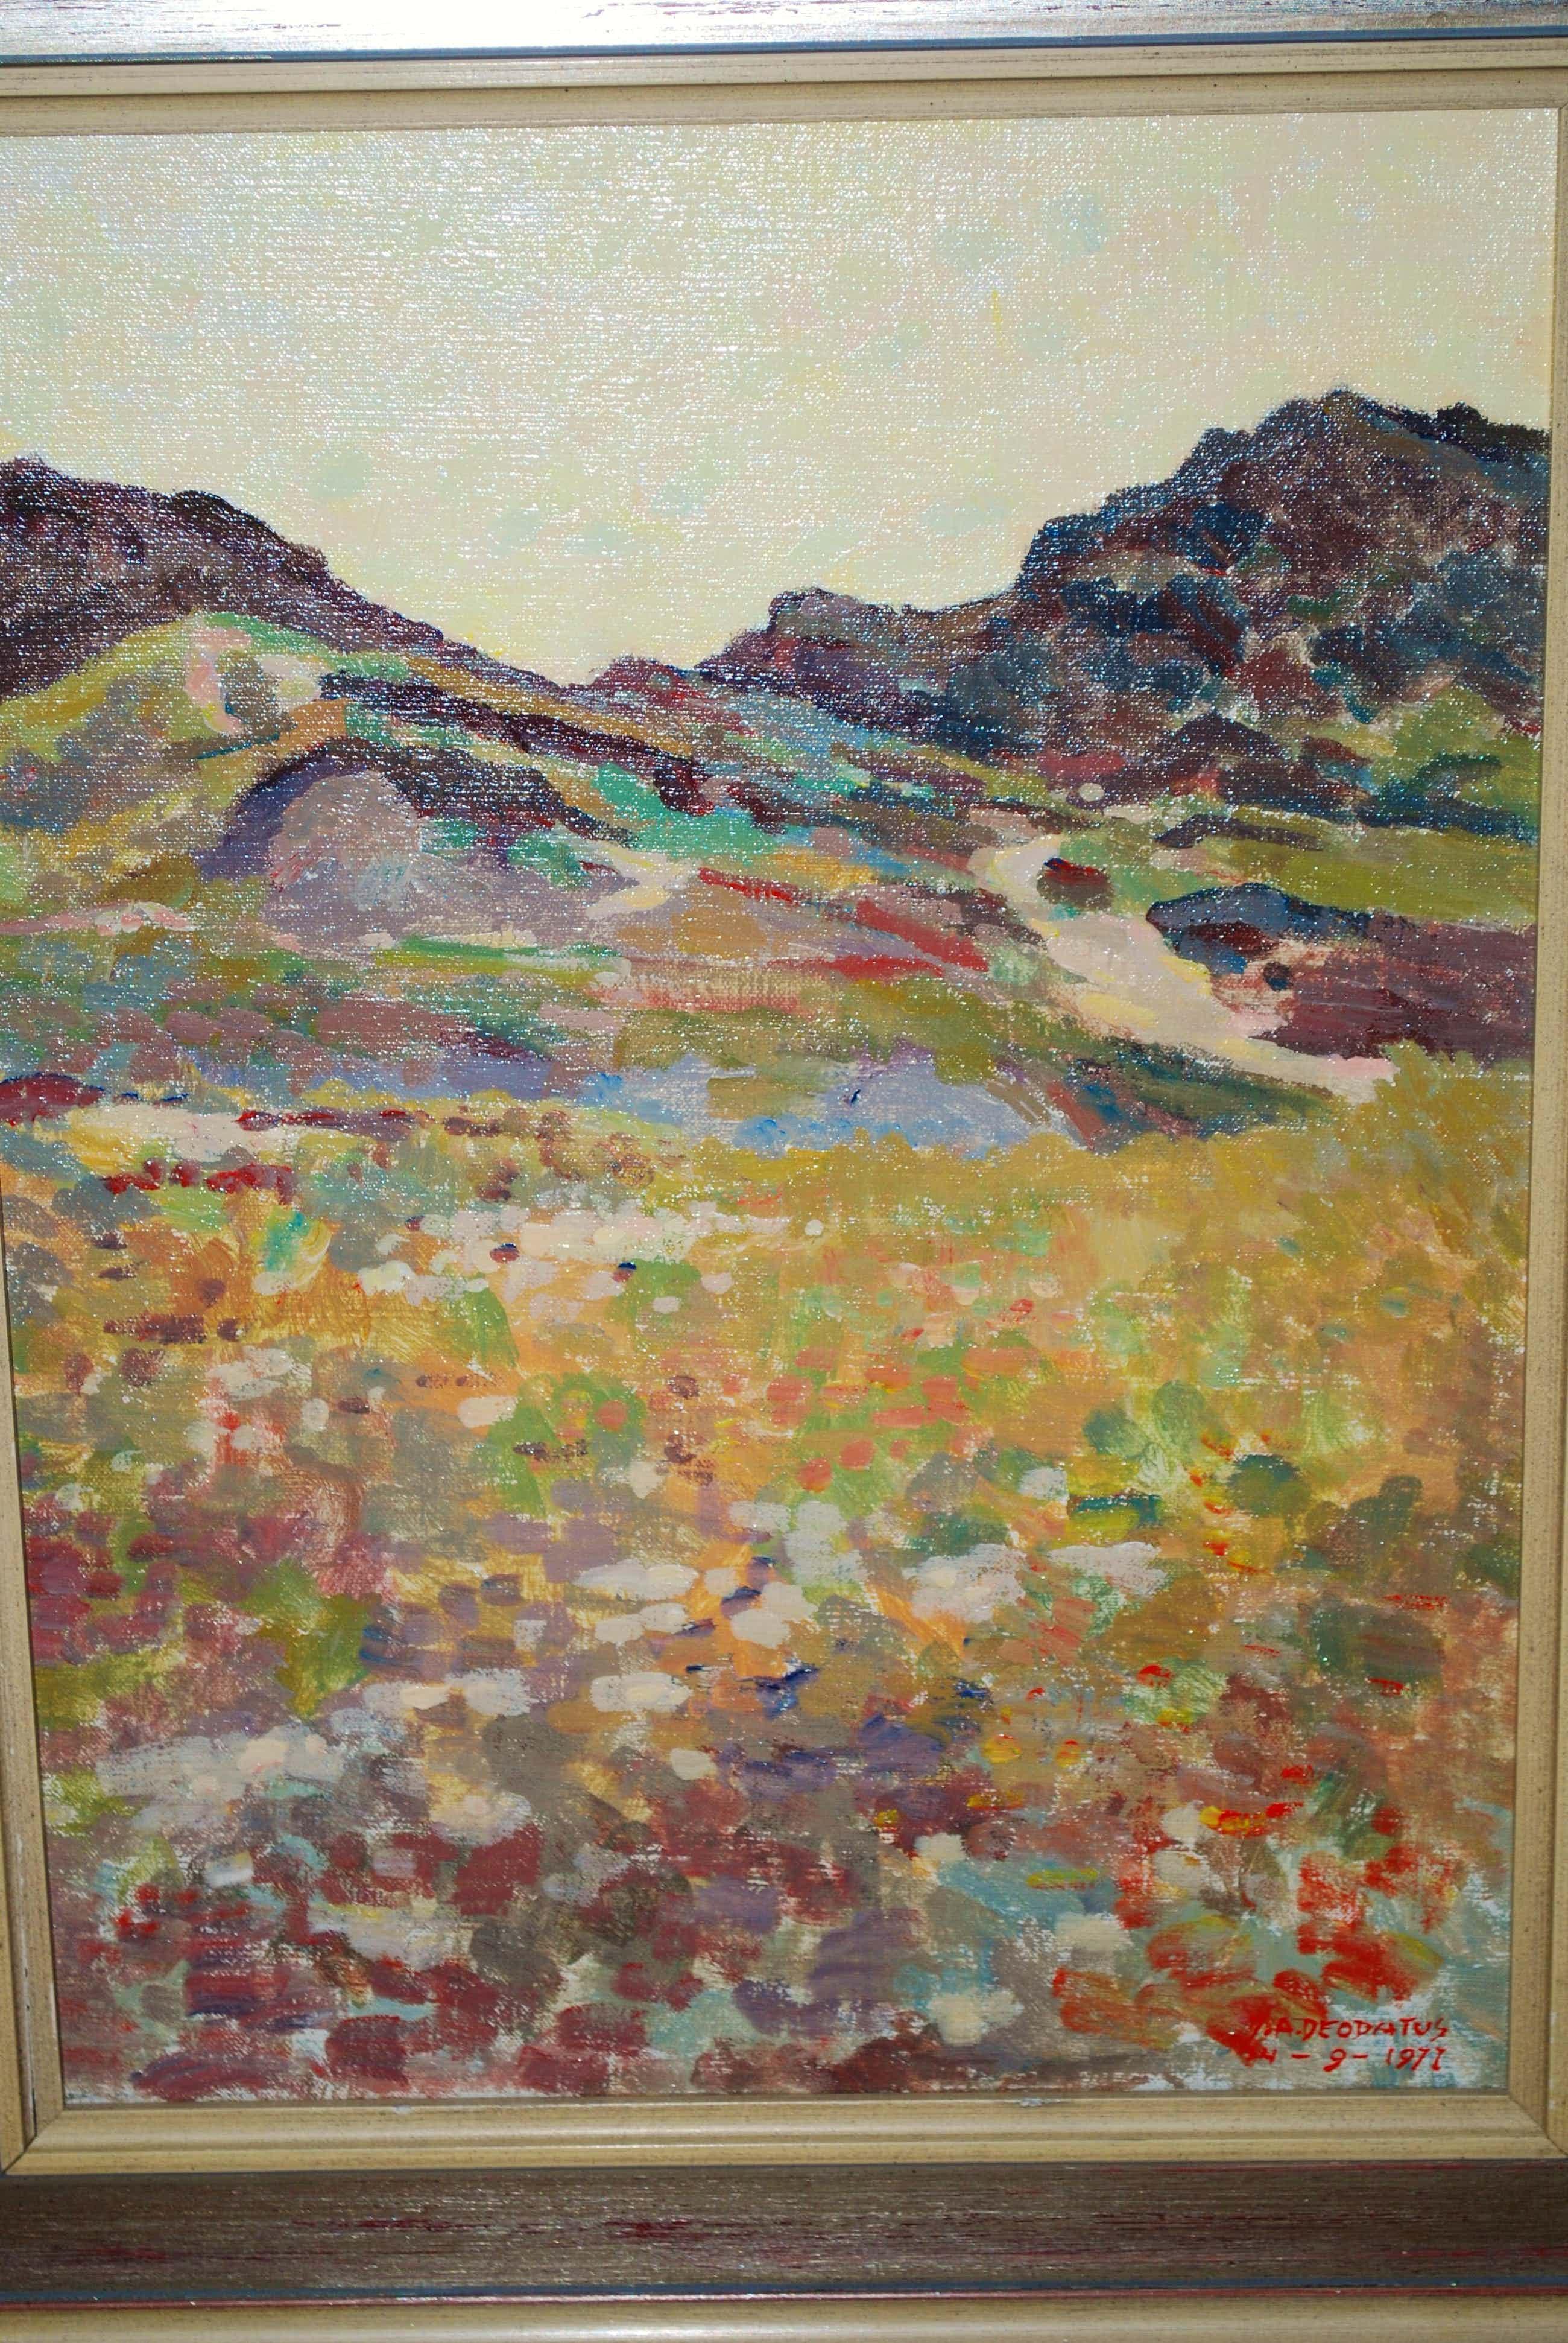 Jan Deodatus - Terschelling landschap - acryl op doek 1971 kopen? Bied vanaf 110!